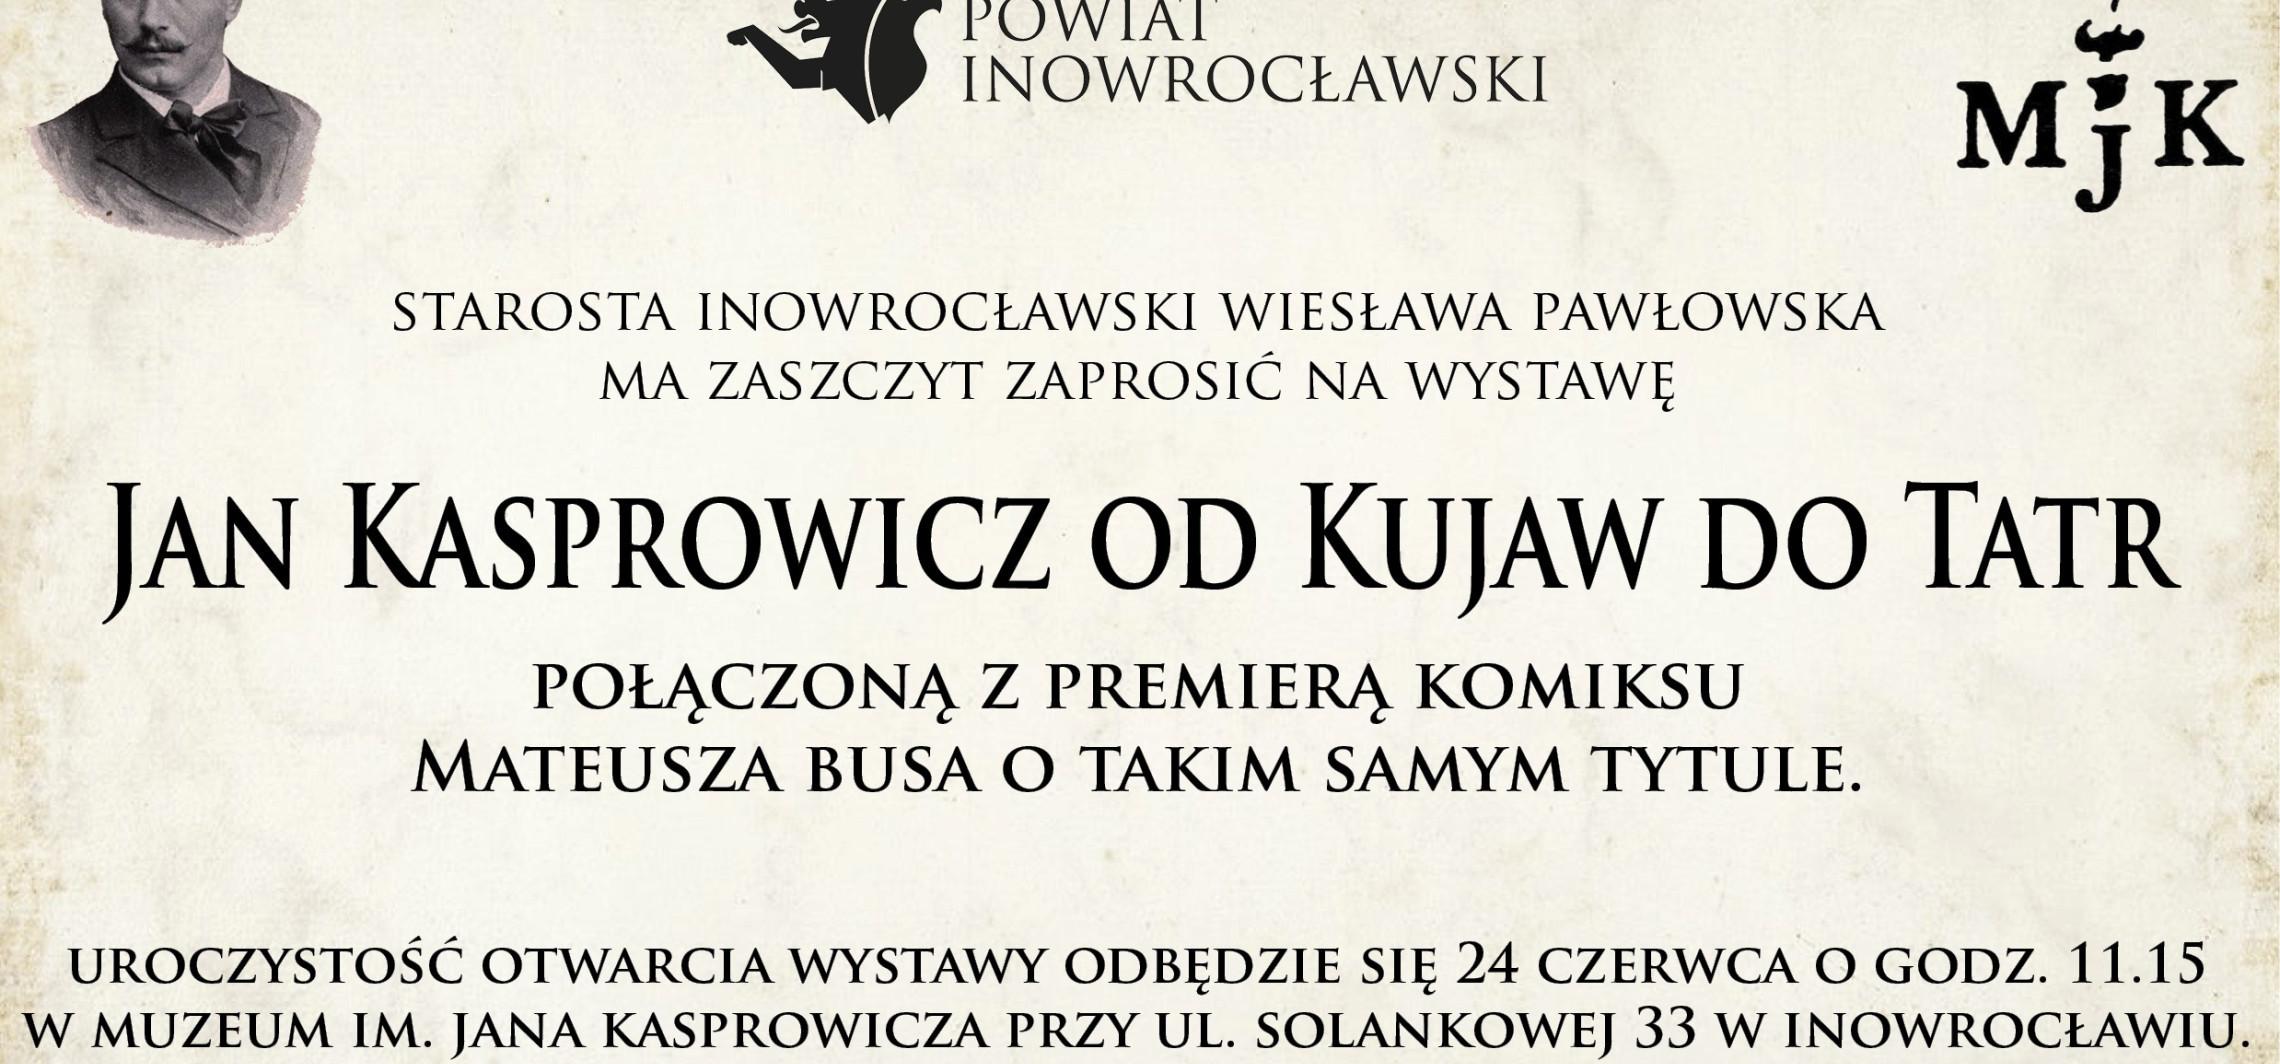 Wystawa i komiks poświęcone Kasprowiczowi